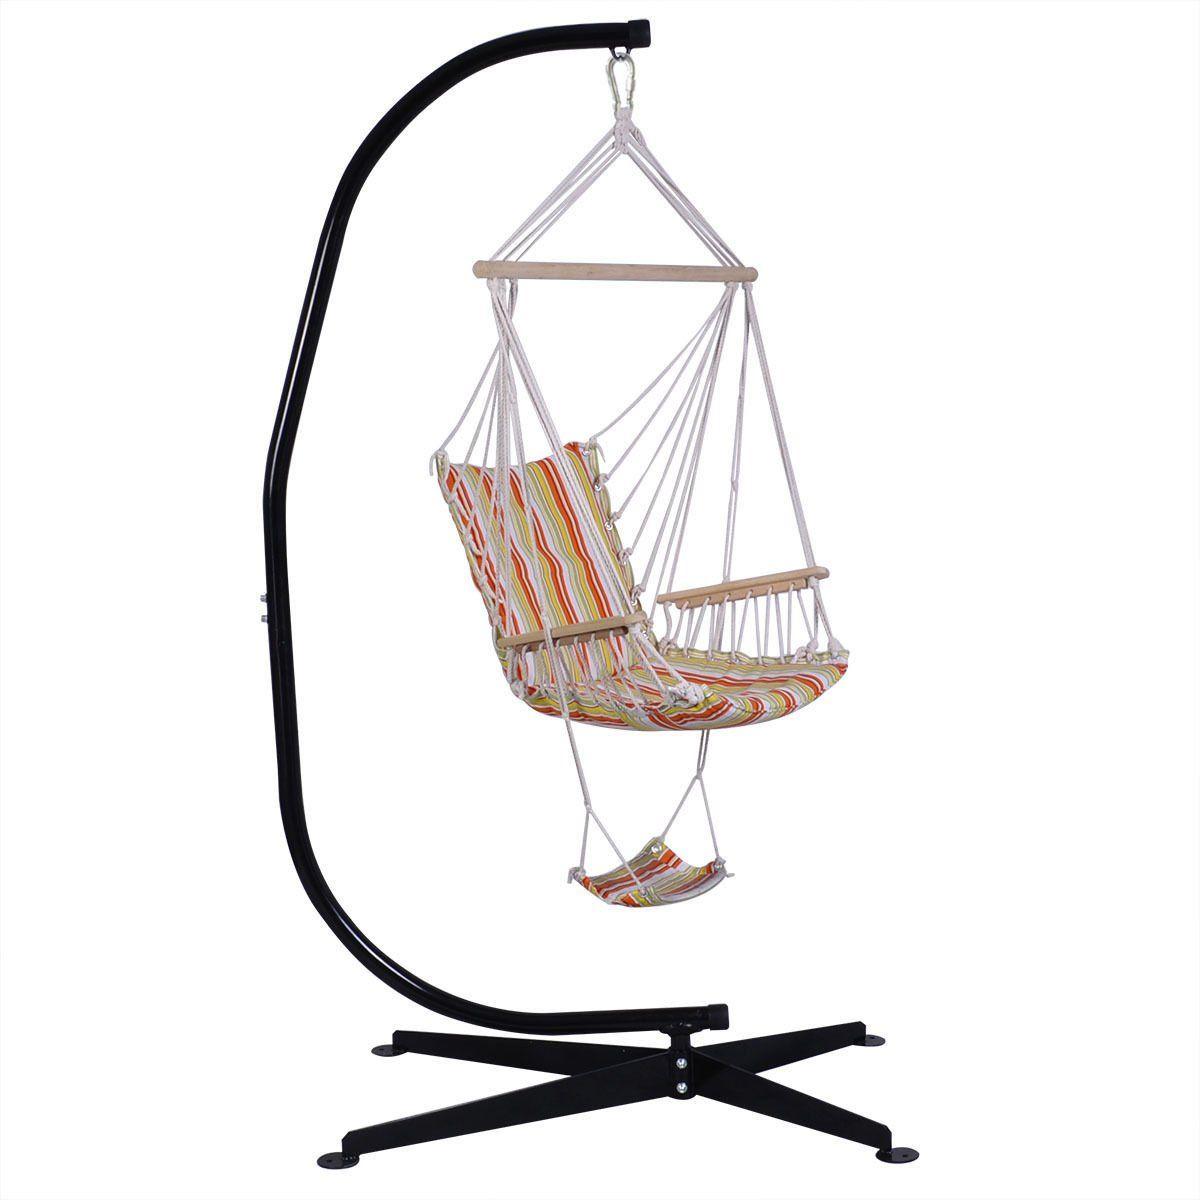 Teen girl bedrooms giantex c hammock frame stand solid steel